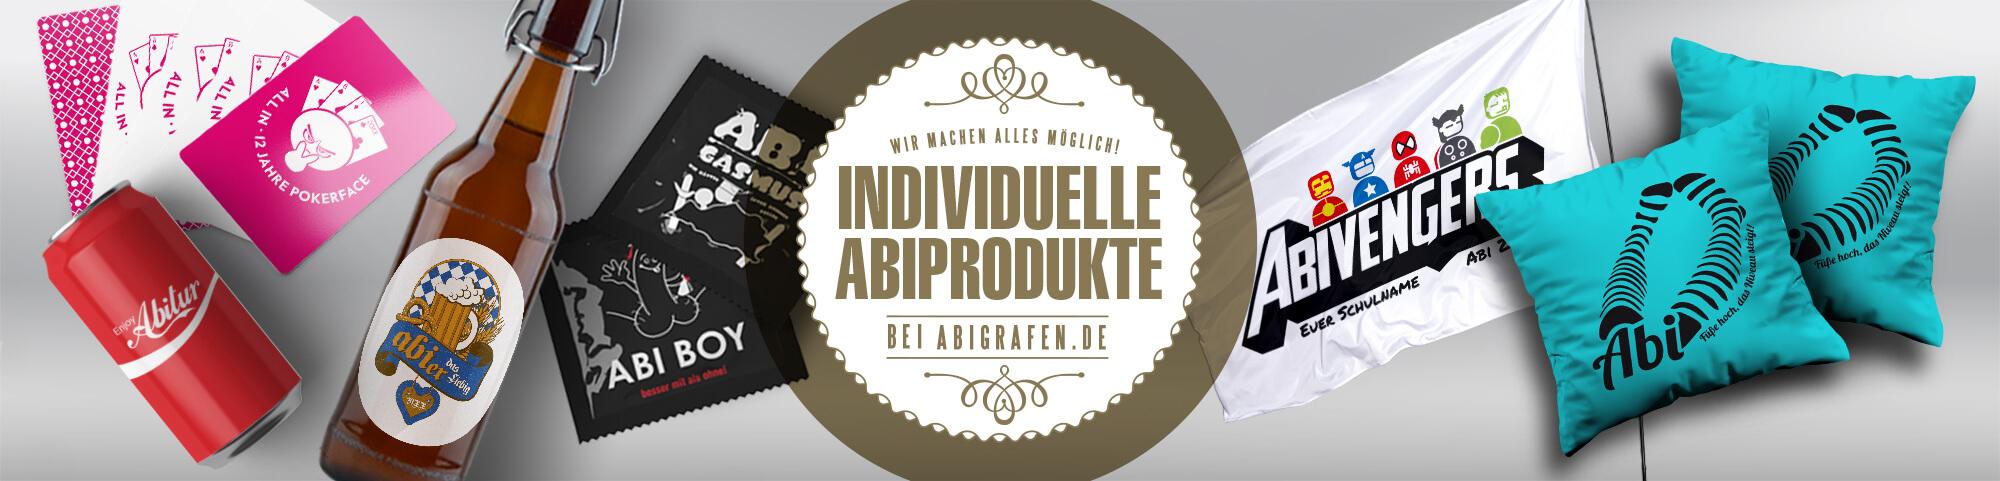 Individuelle Abisachen/Abiprodukte mit Abi Motto, Abschlussmotiv oder Schullogo: Kissen, Kondome, Flaschen, Dosen, Kisten, Flaggen, Spielkarten, Bier, UV-Lack, Prägungen, Gold und mehr